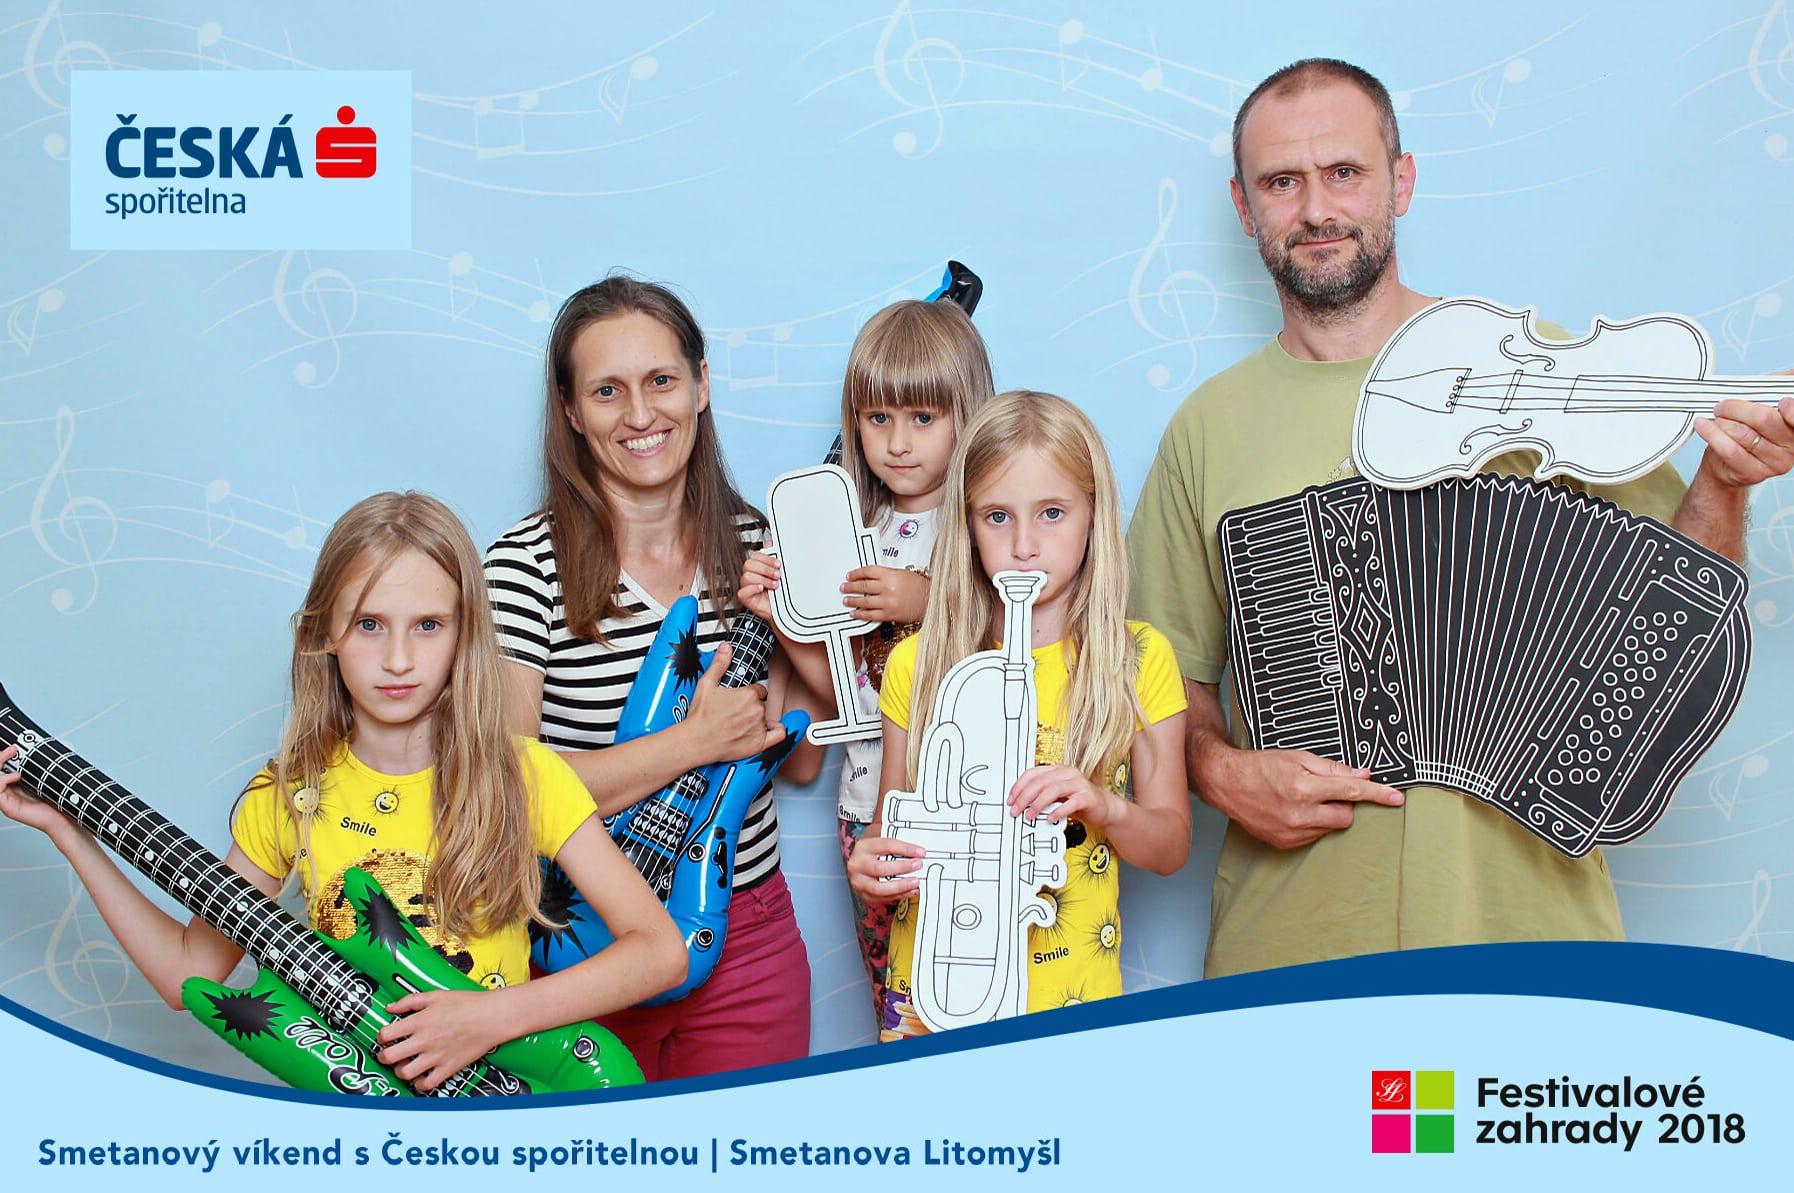 fotokoutek-festival-pardubice-smetanovy-vikend-s-ceskou-sporitelnou-15-6-2018-437735